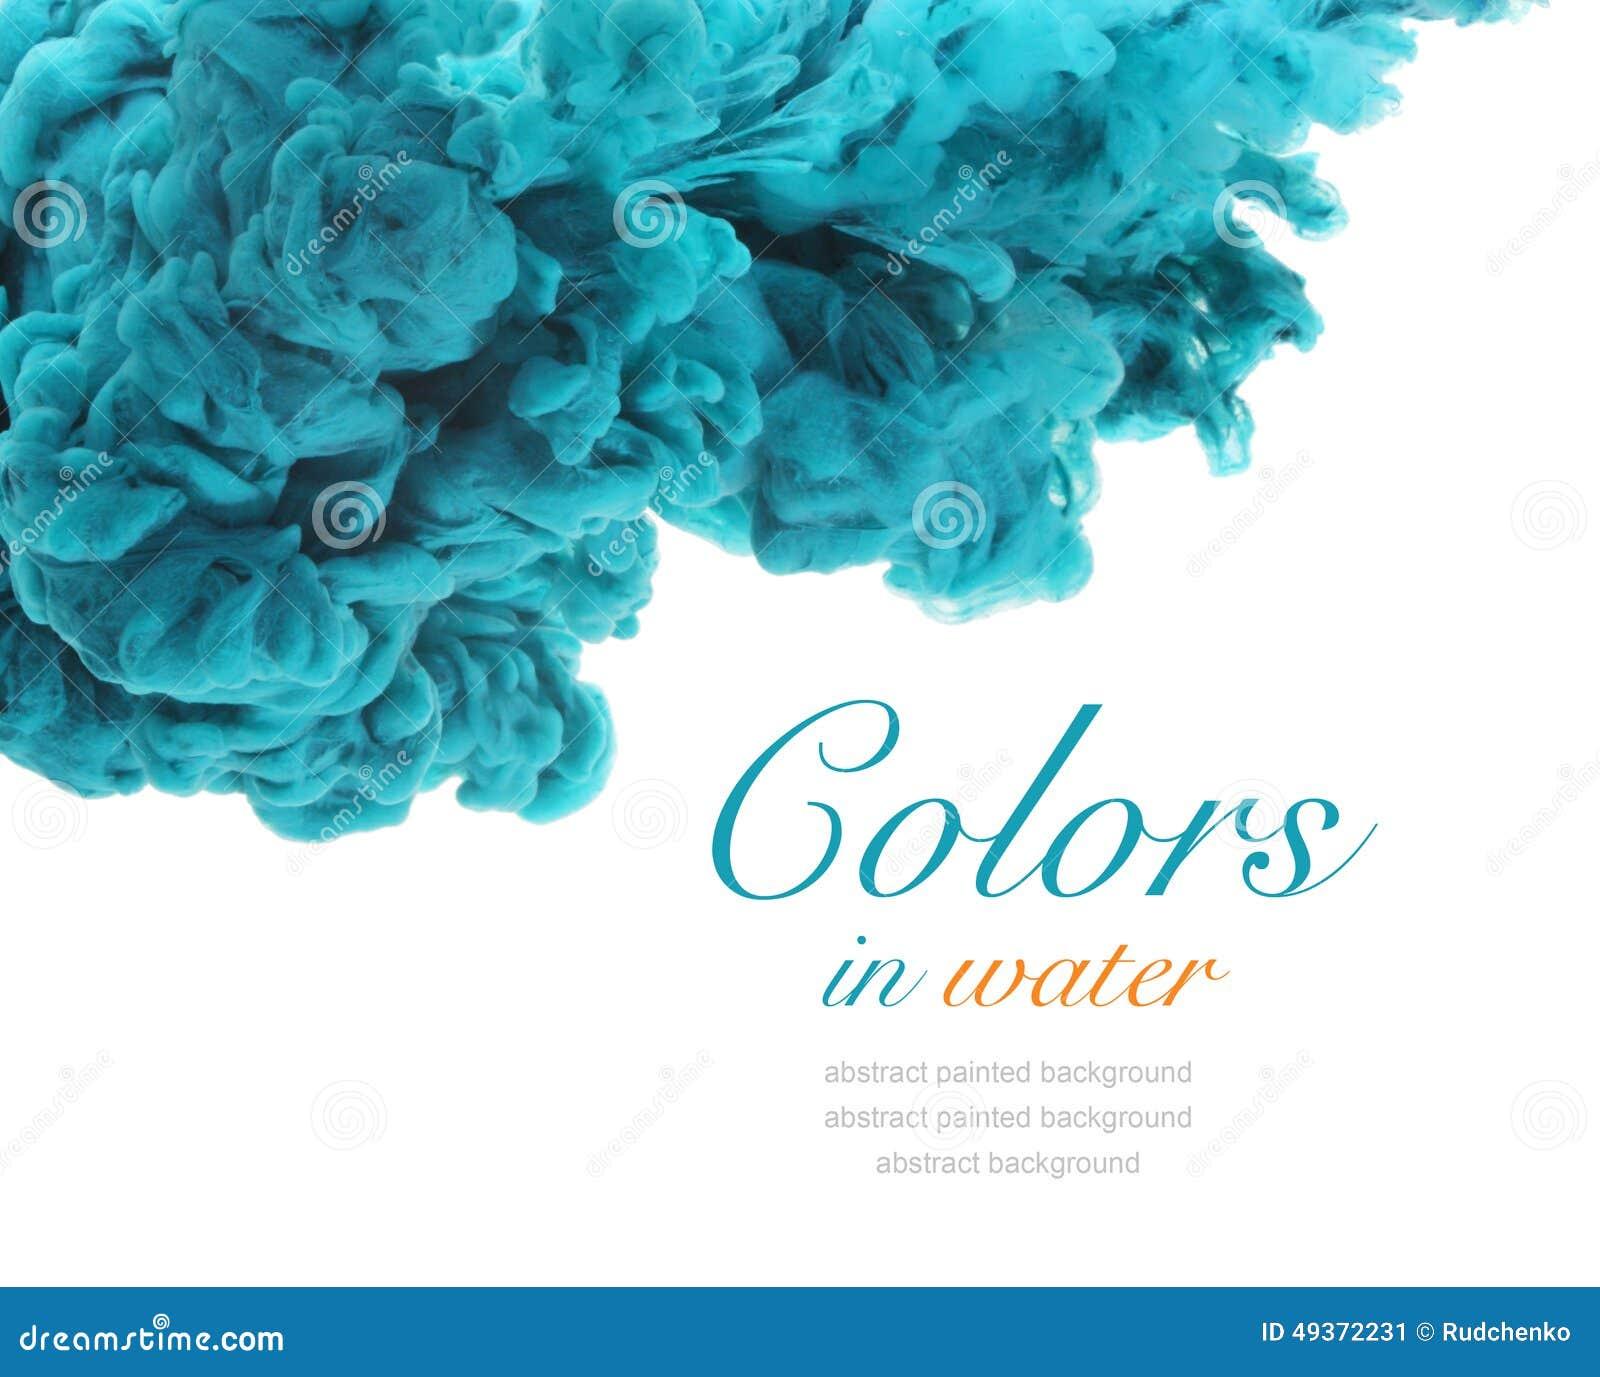 Acrylfarben und Tinte im Wasser entziehen Sie Hintergrund